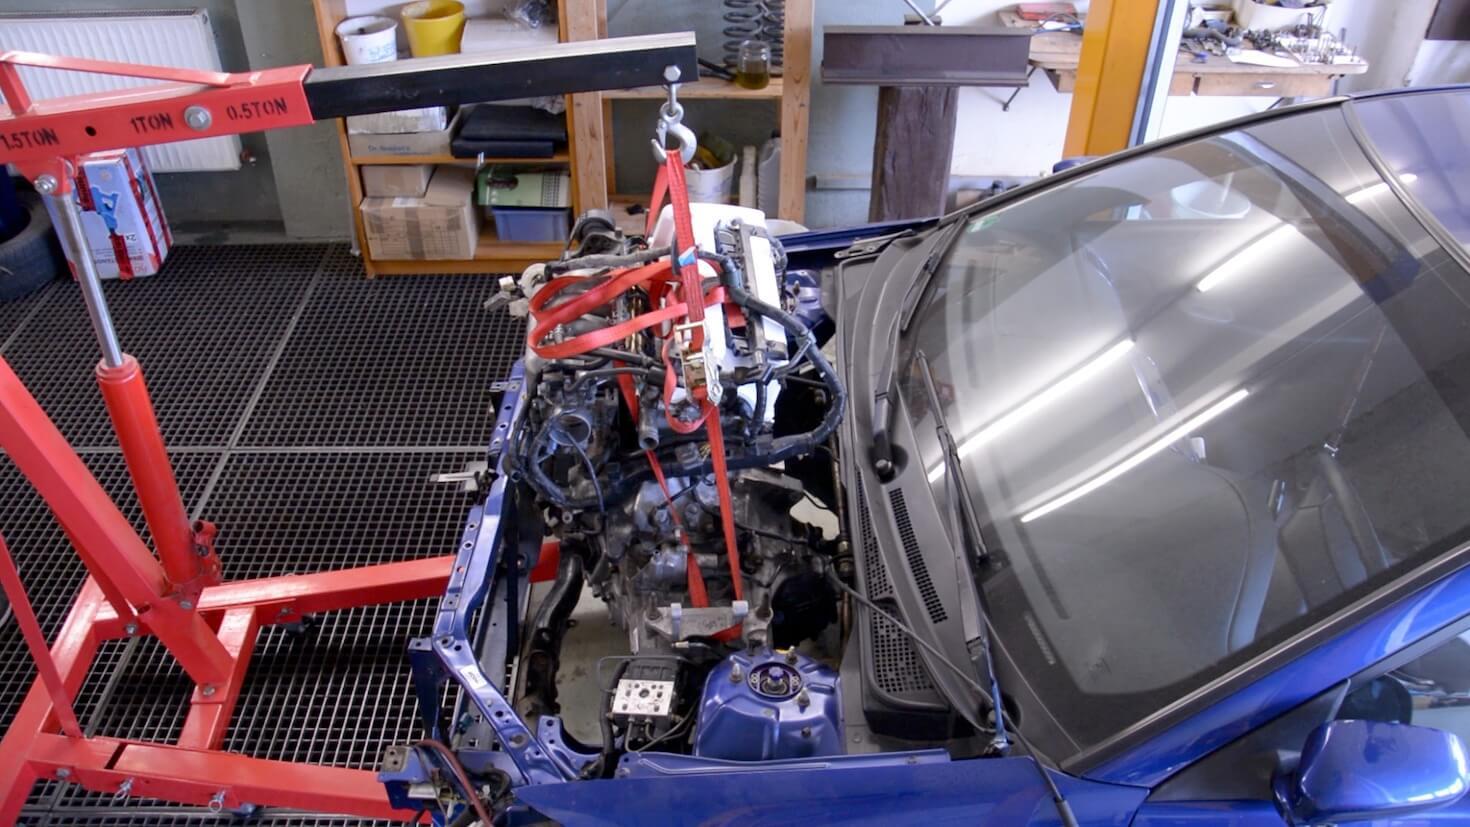 k20-engine-install-civic-em2